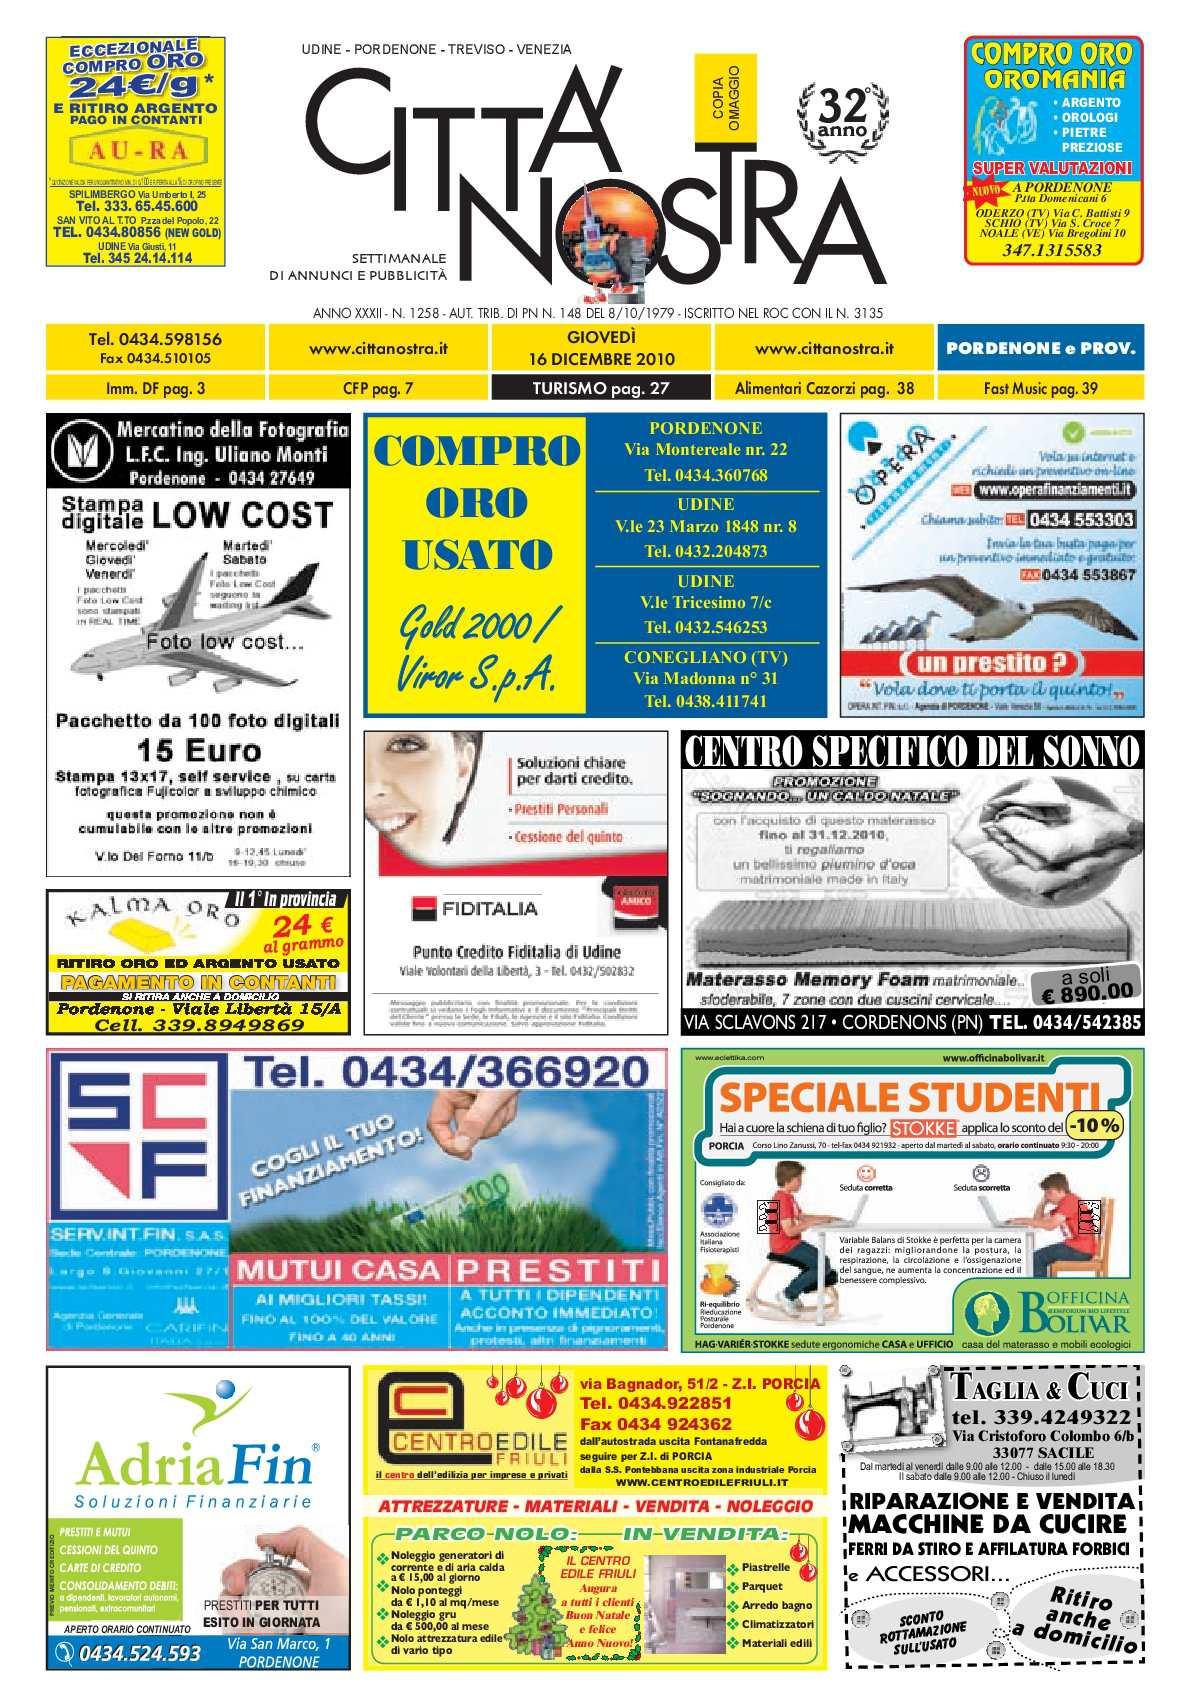 Calaméo Citt Nostra Pordenone Del 16 12 2010 N 1258